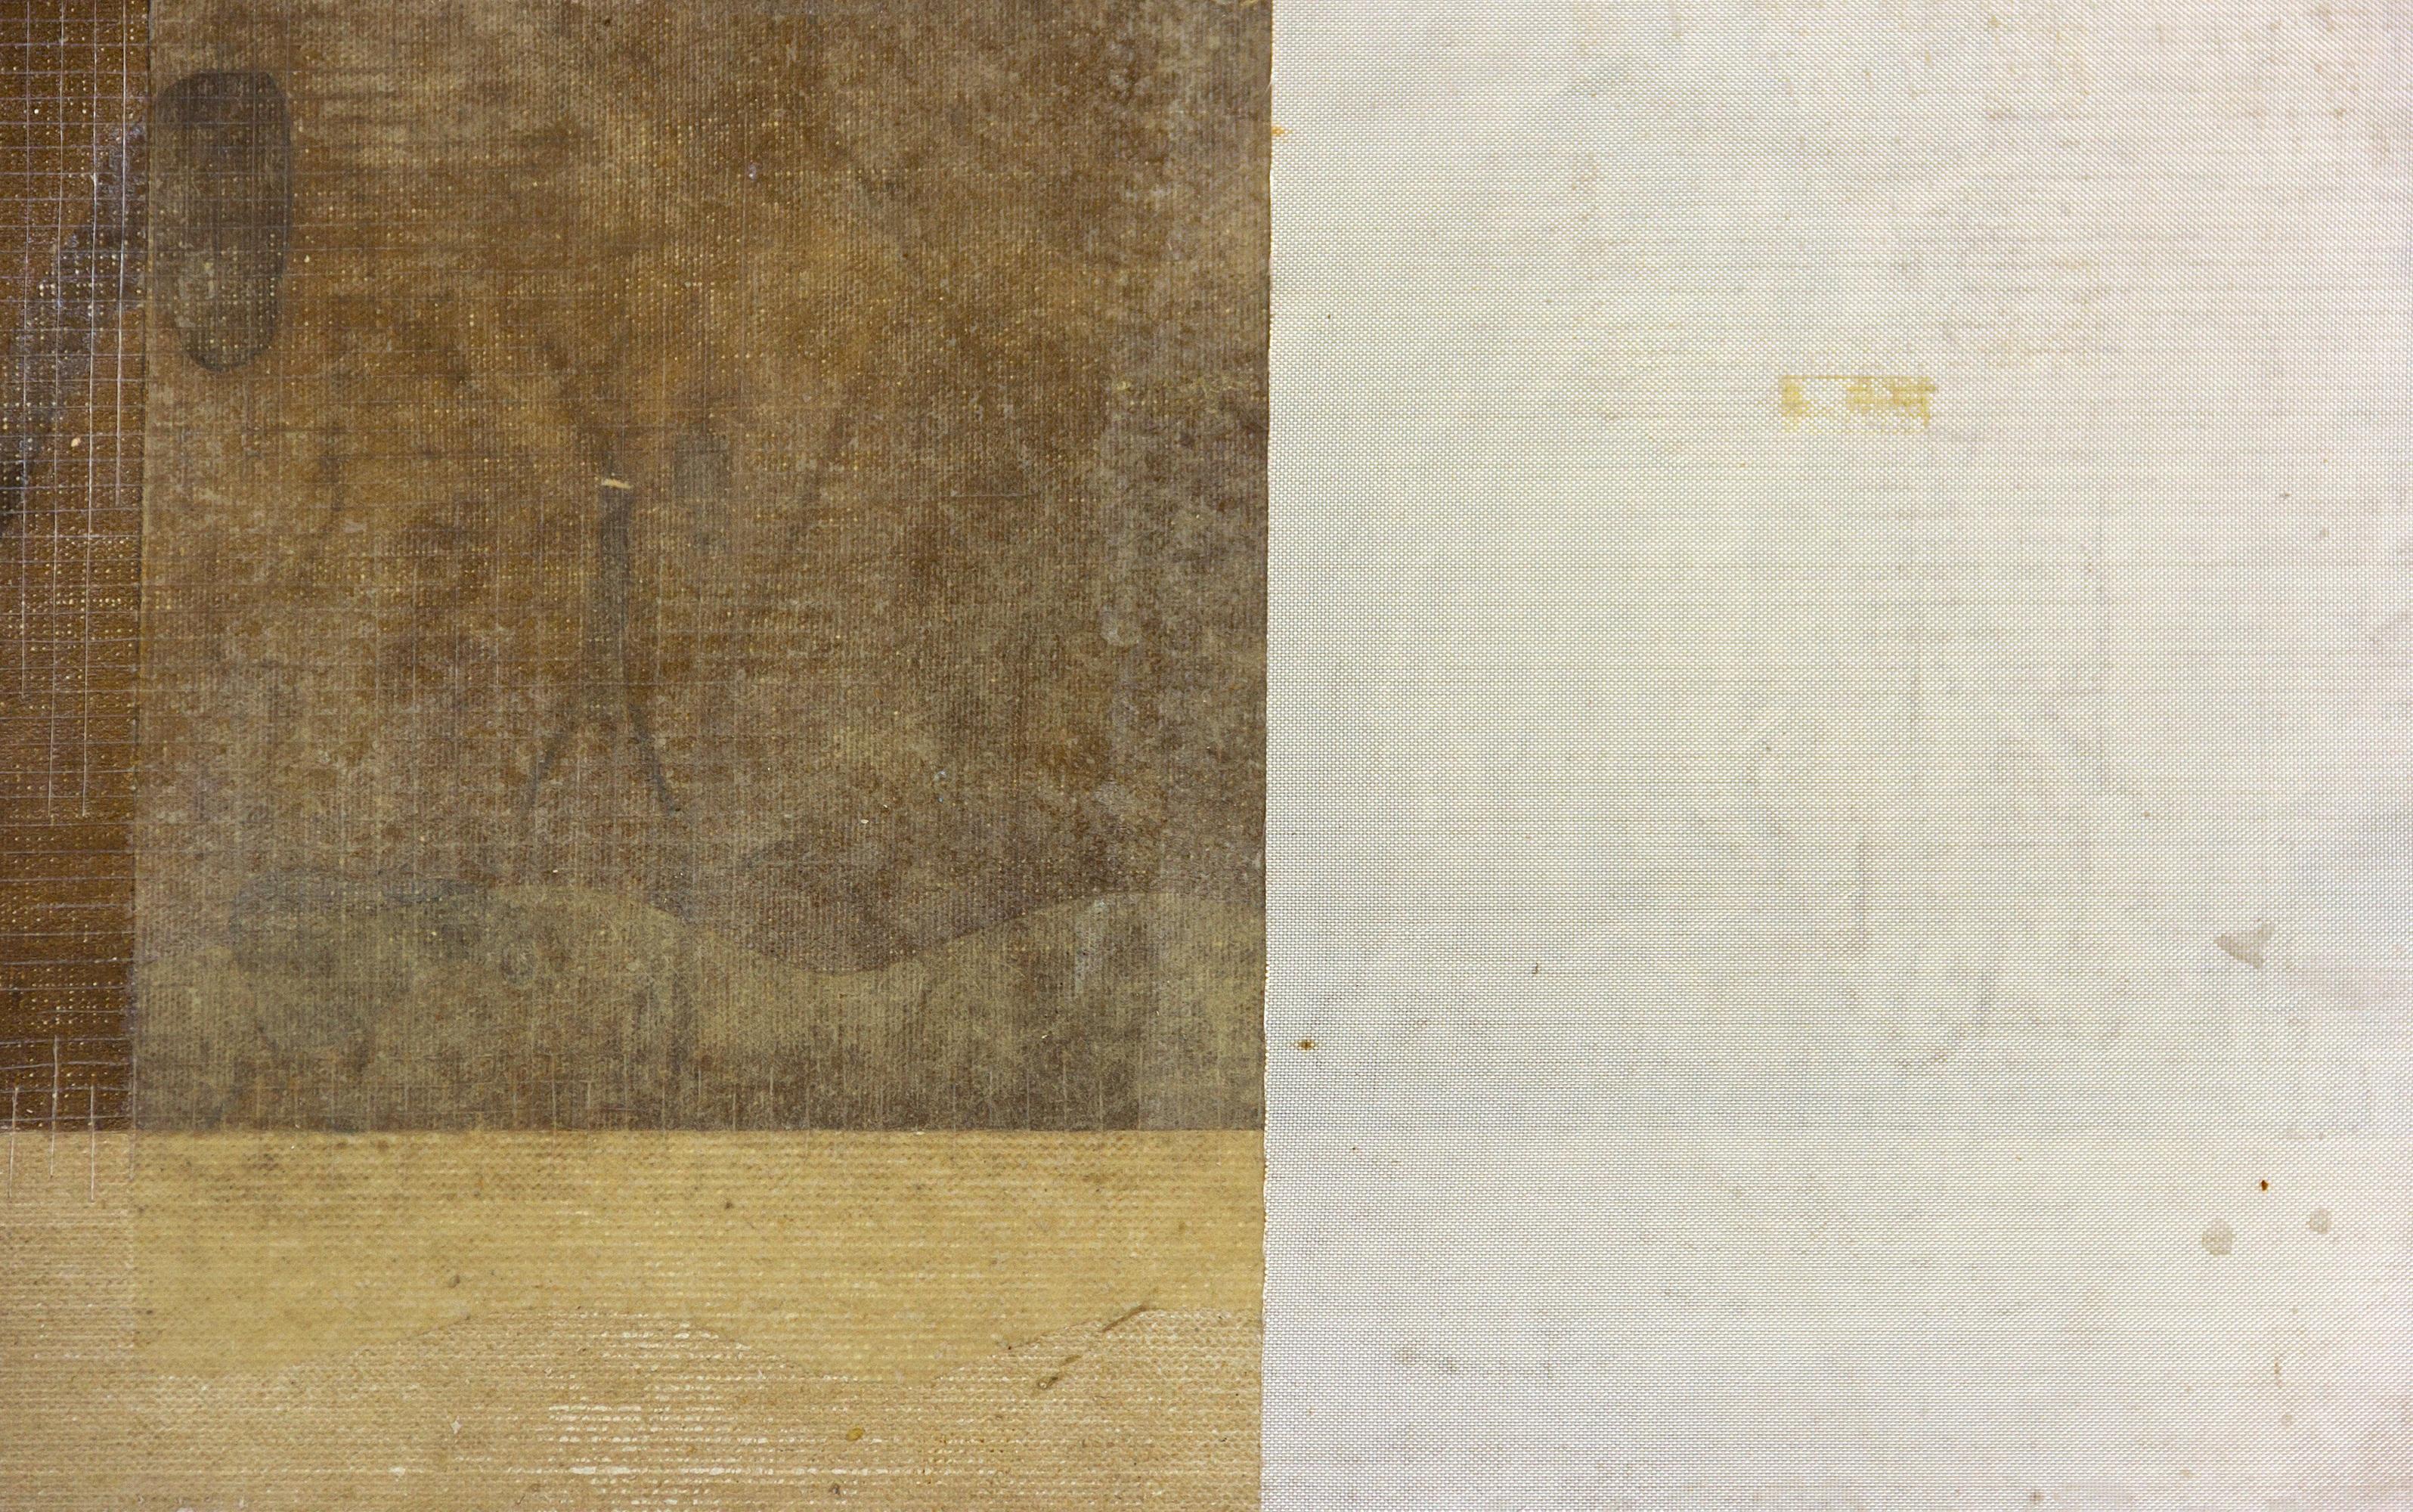 무료 이미지 : 고대 미술, 조직, 늙은, 벽, 브러시, 촌사람 같은 ...